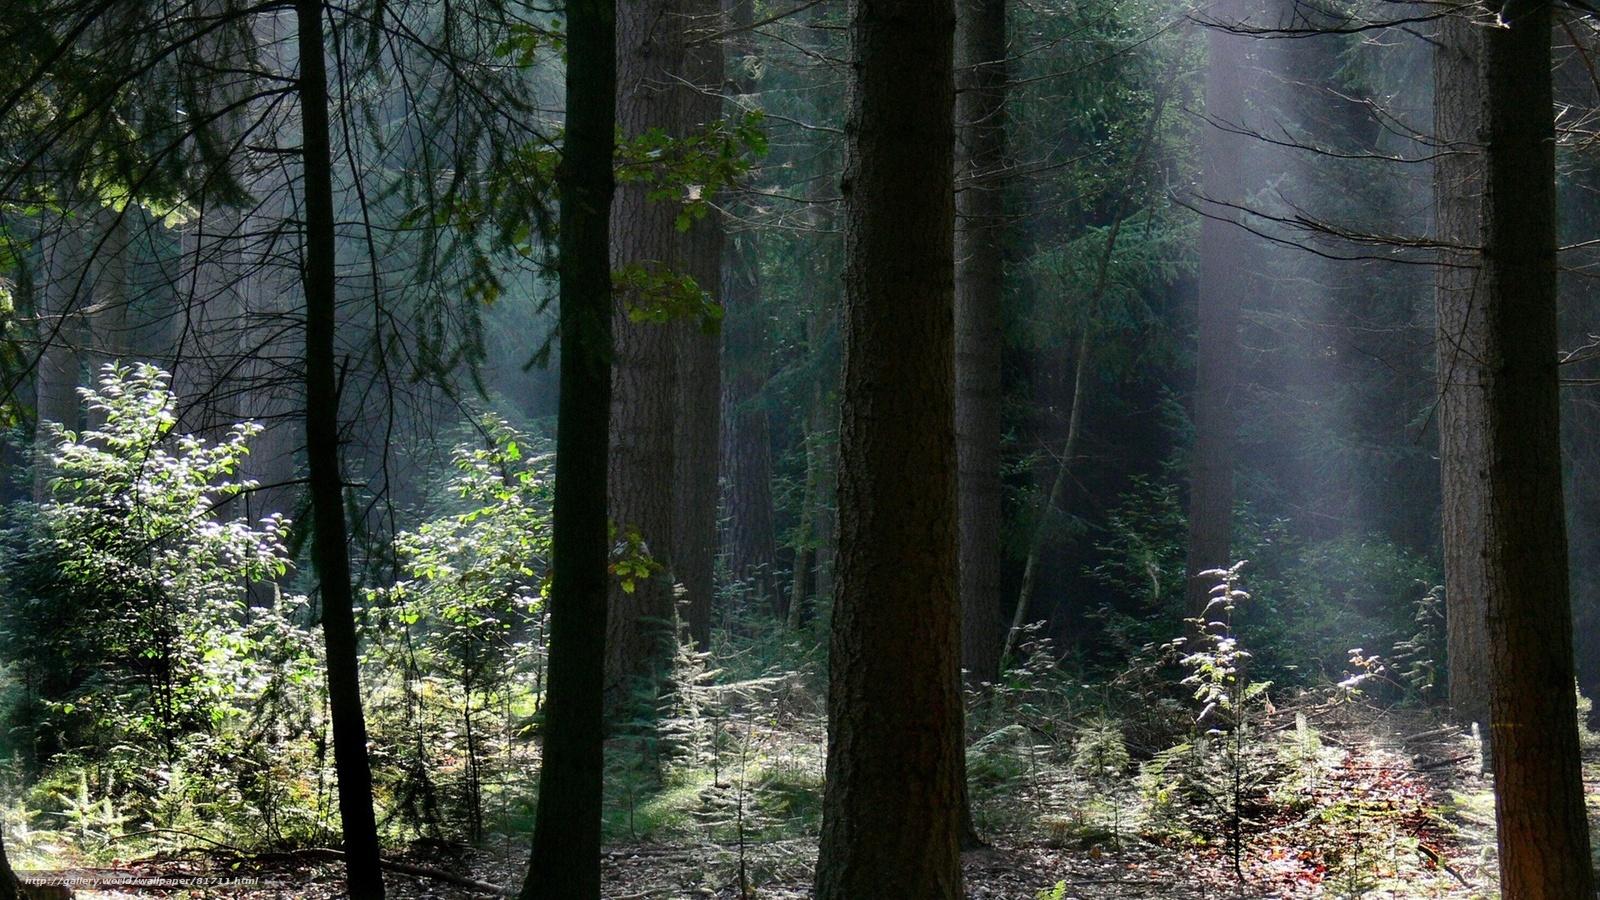 Скачать обои лес,  тёмный,  зелень бесплатно для рабочего стола в разрешении 1920x1080 — картинка №81711